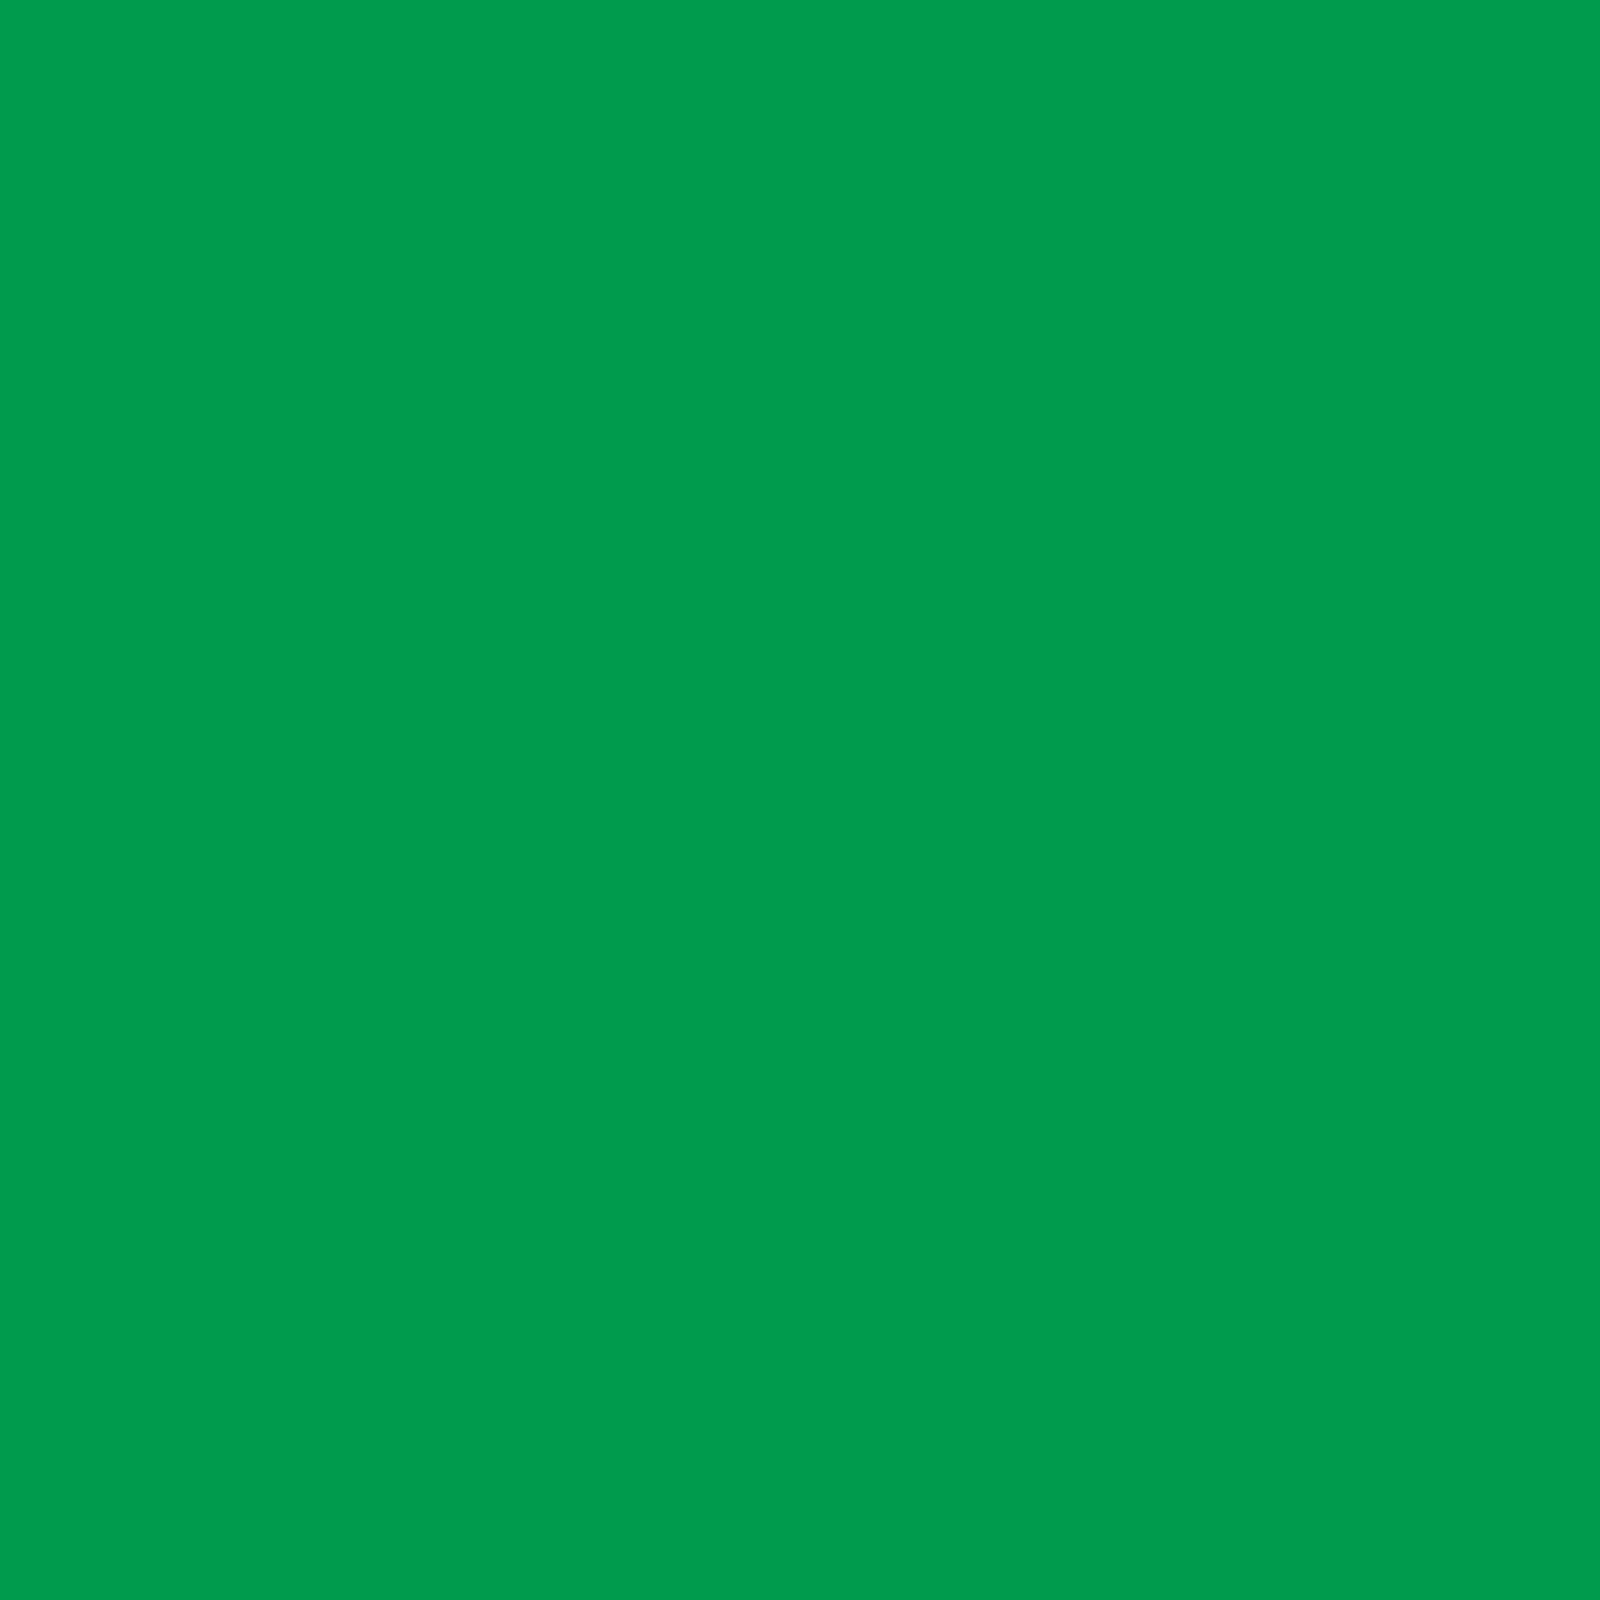 kobra verde busuioc